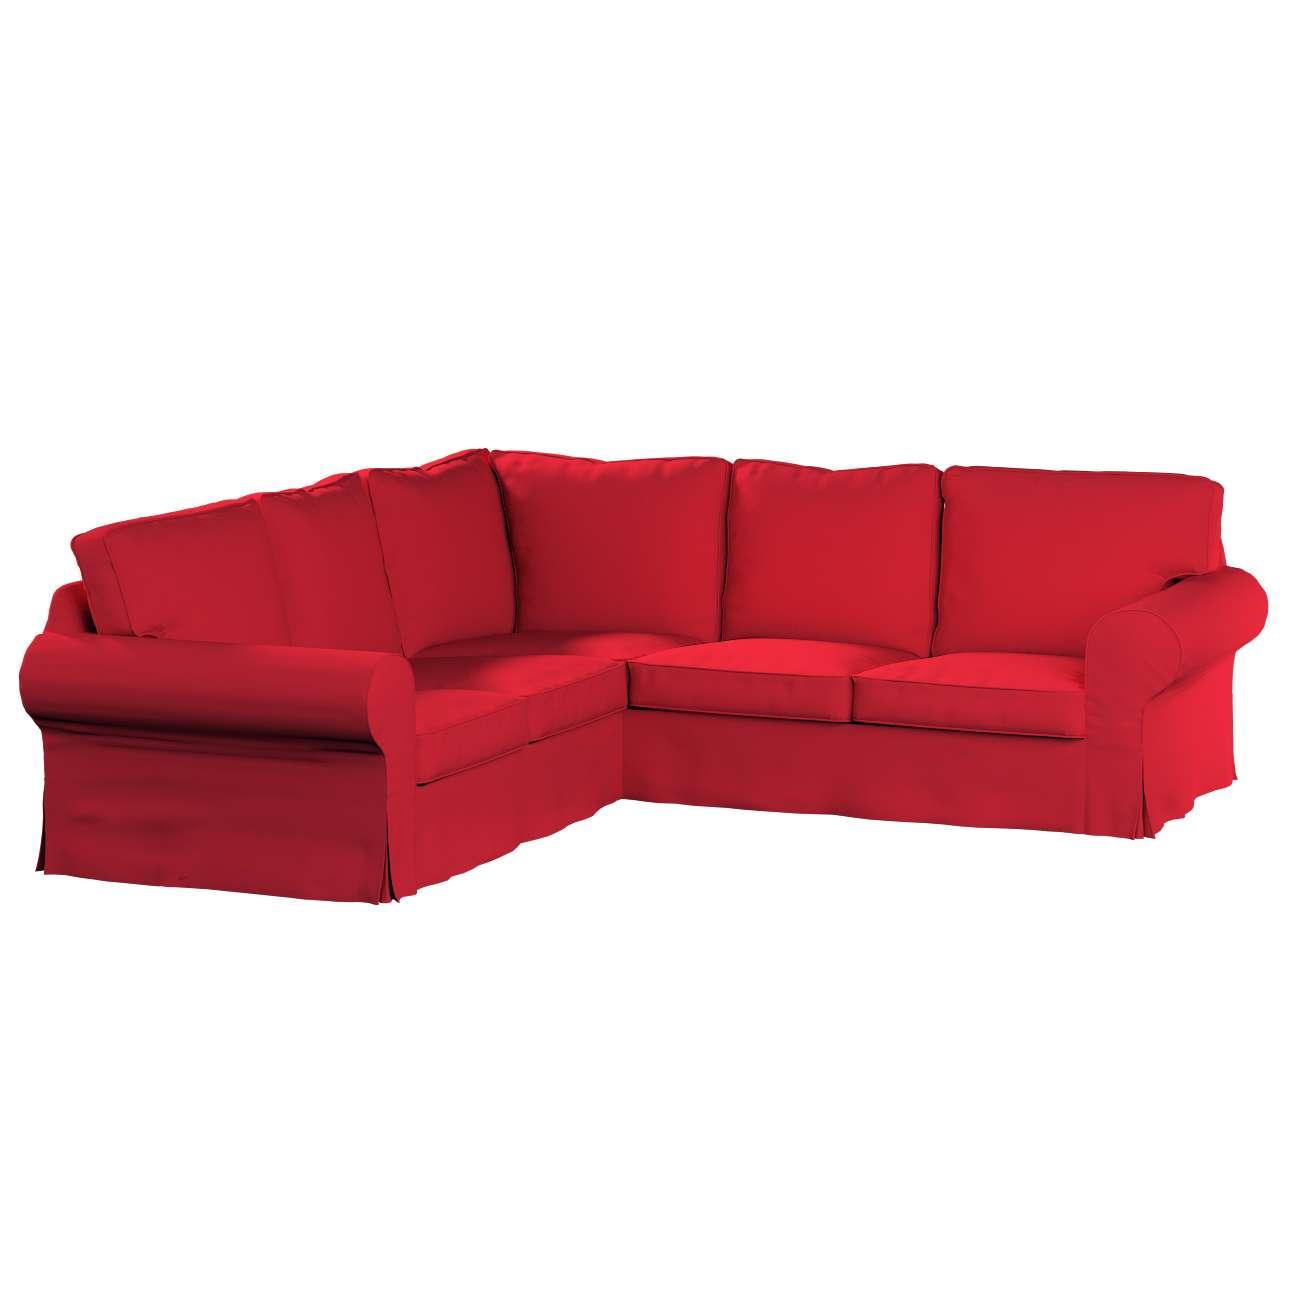 Ektorp kampinė sofa Ektorp kampinė sofa kolekcijoje Cotton Panama, audinys: 702-04